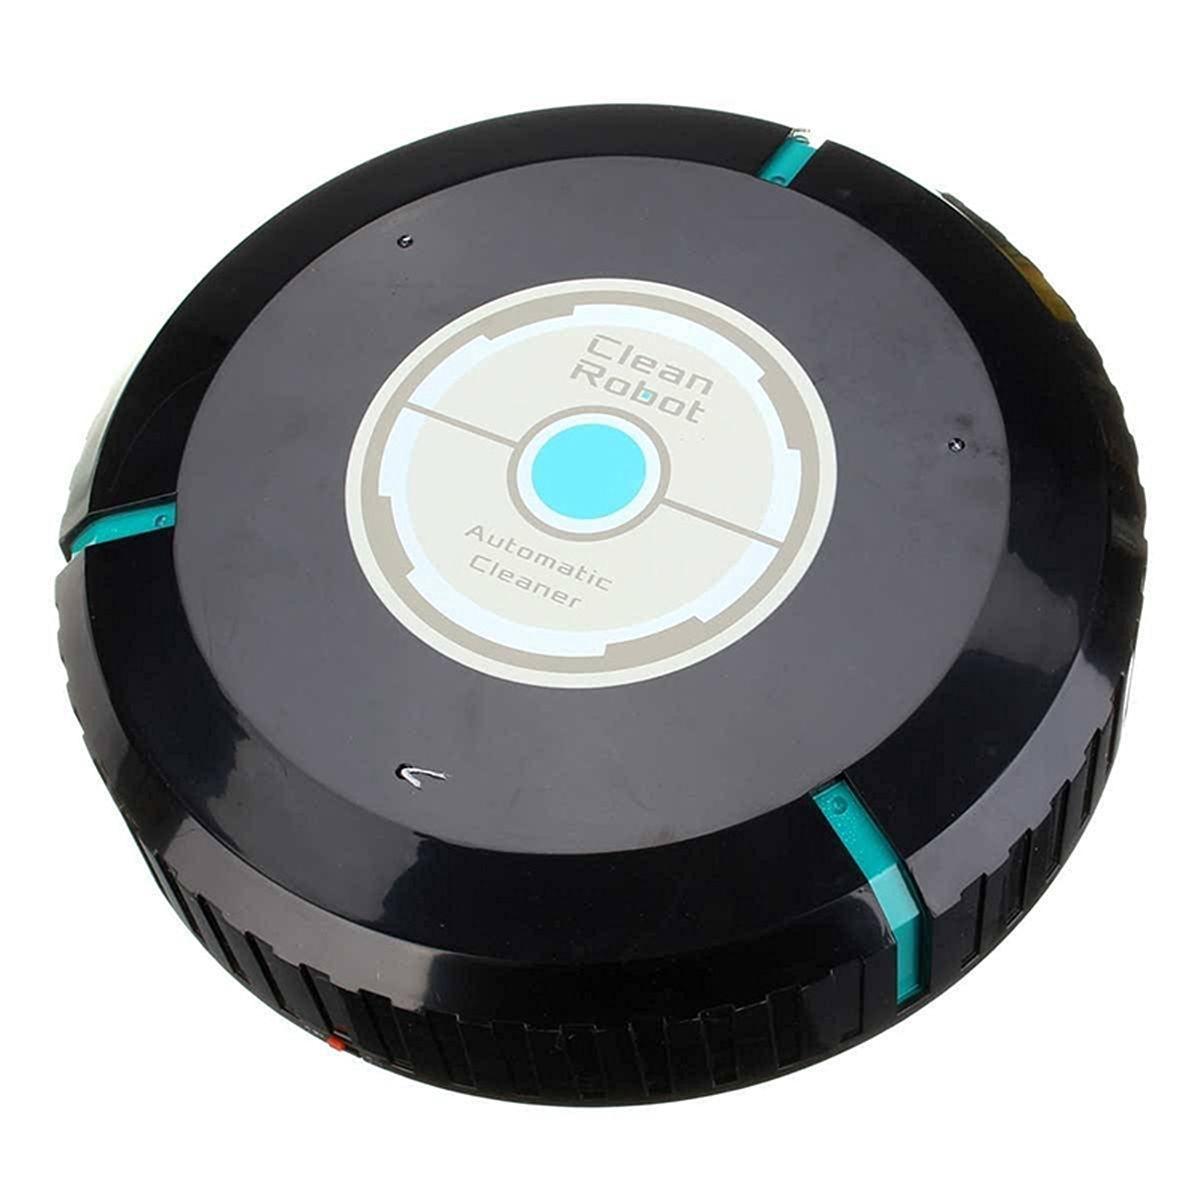 El mejor Robot limpiador, limpiador doméstico, trapeador automático, Limpia el polvo, Barre